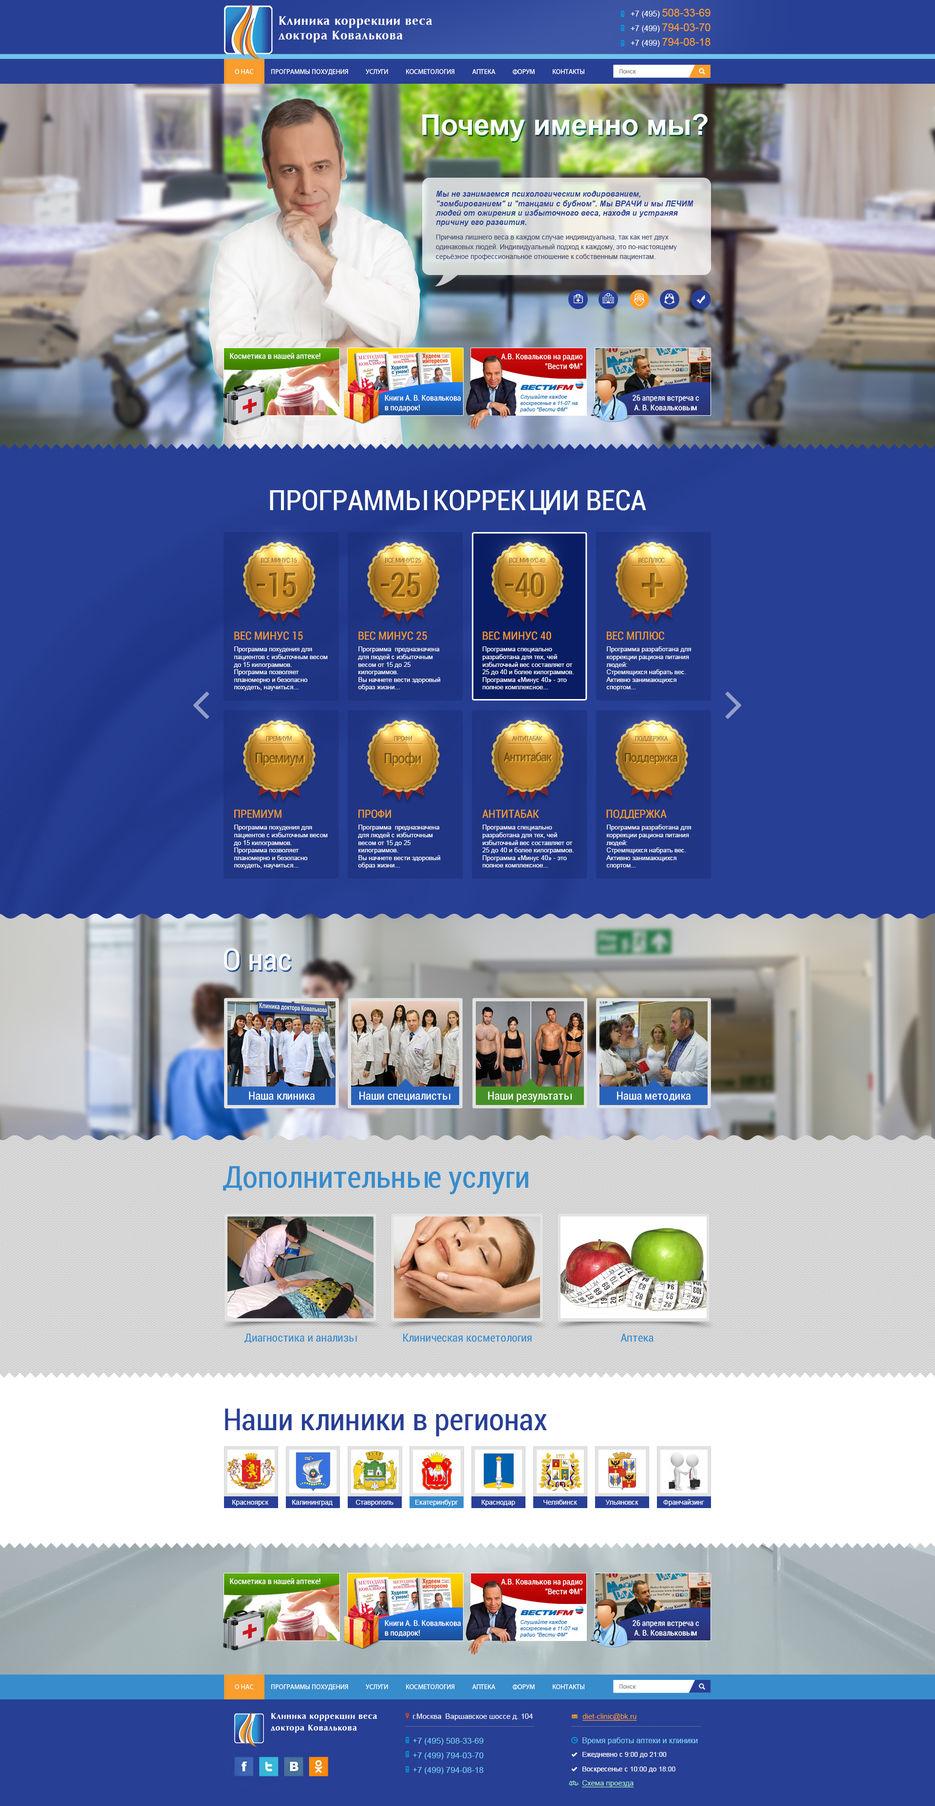 Центр китайской медицины Феникс на Пхукете